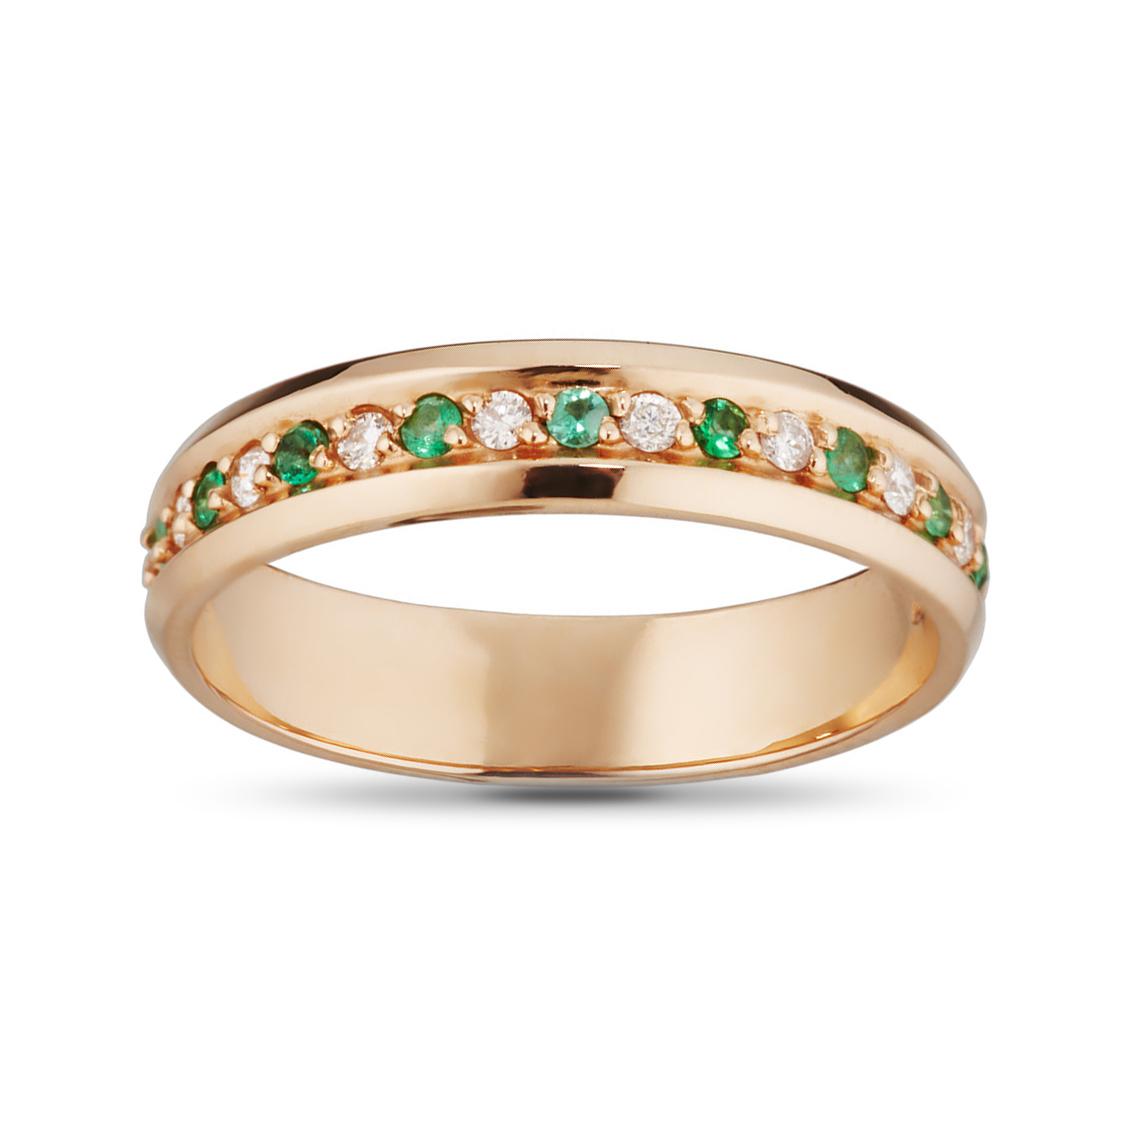 Кольцо обручальное с изумрудами и бриллиантами из золота